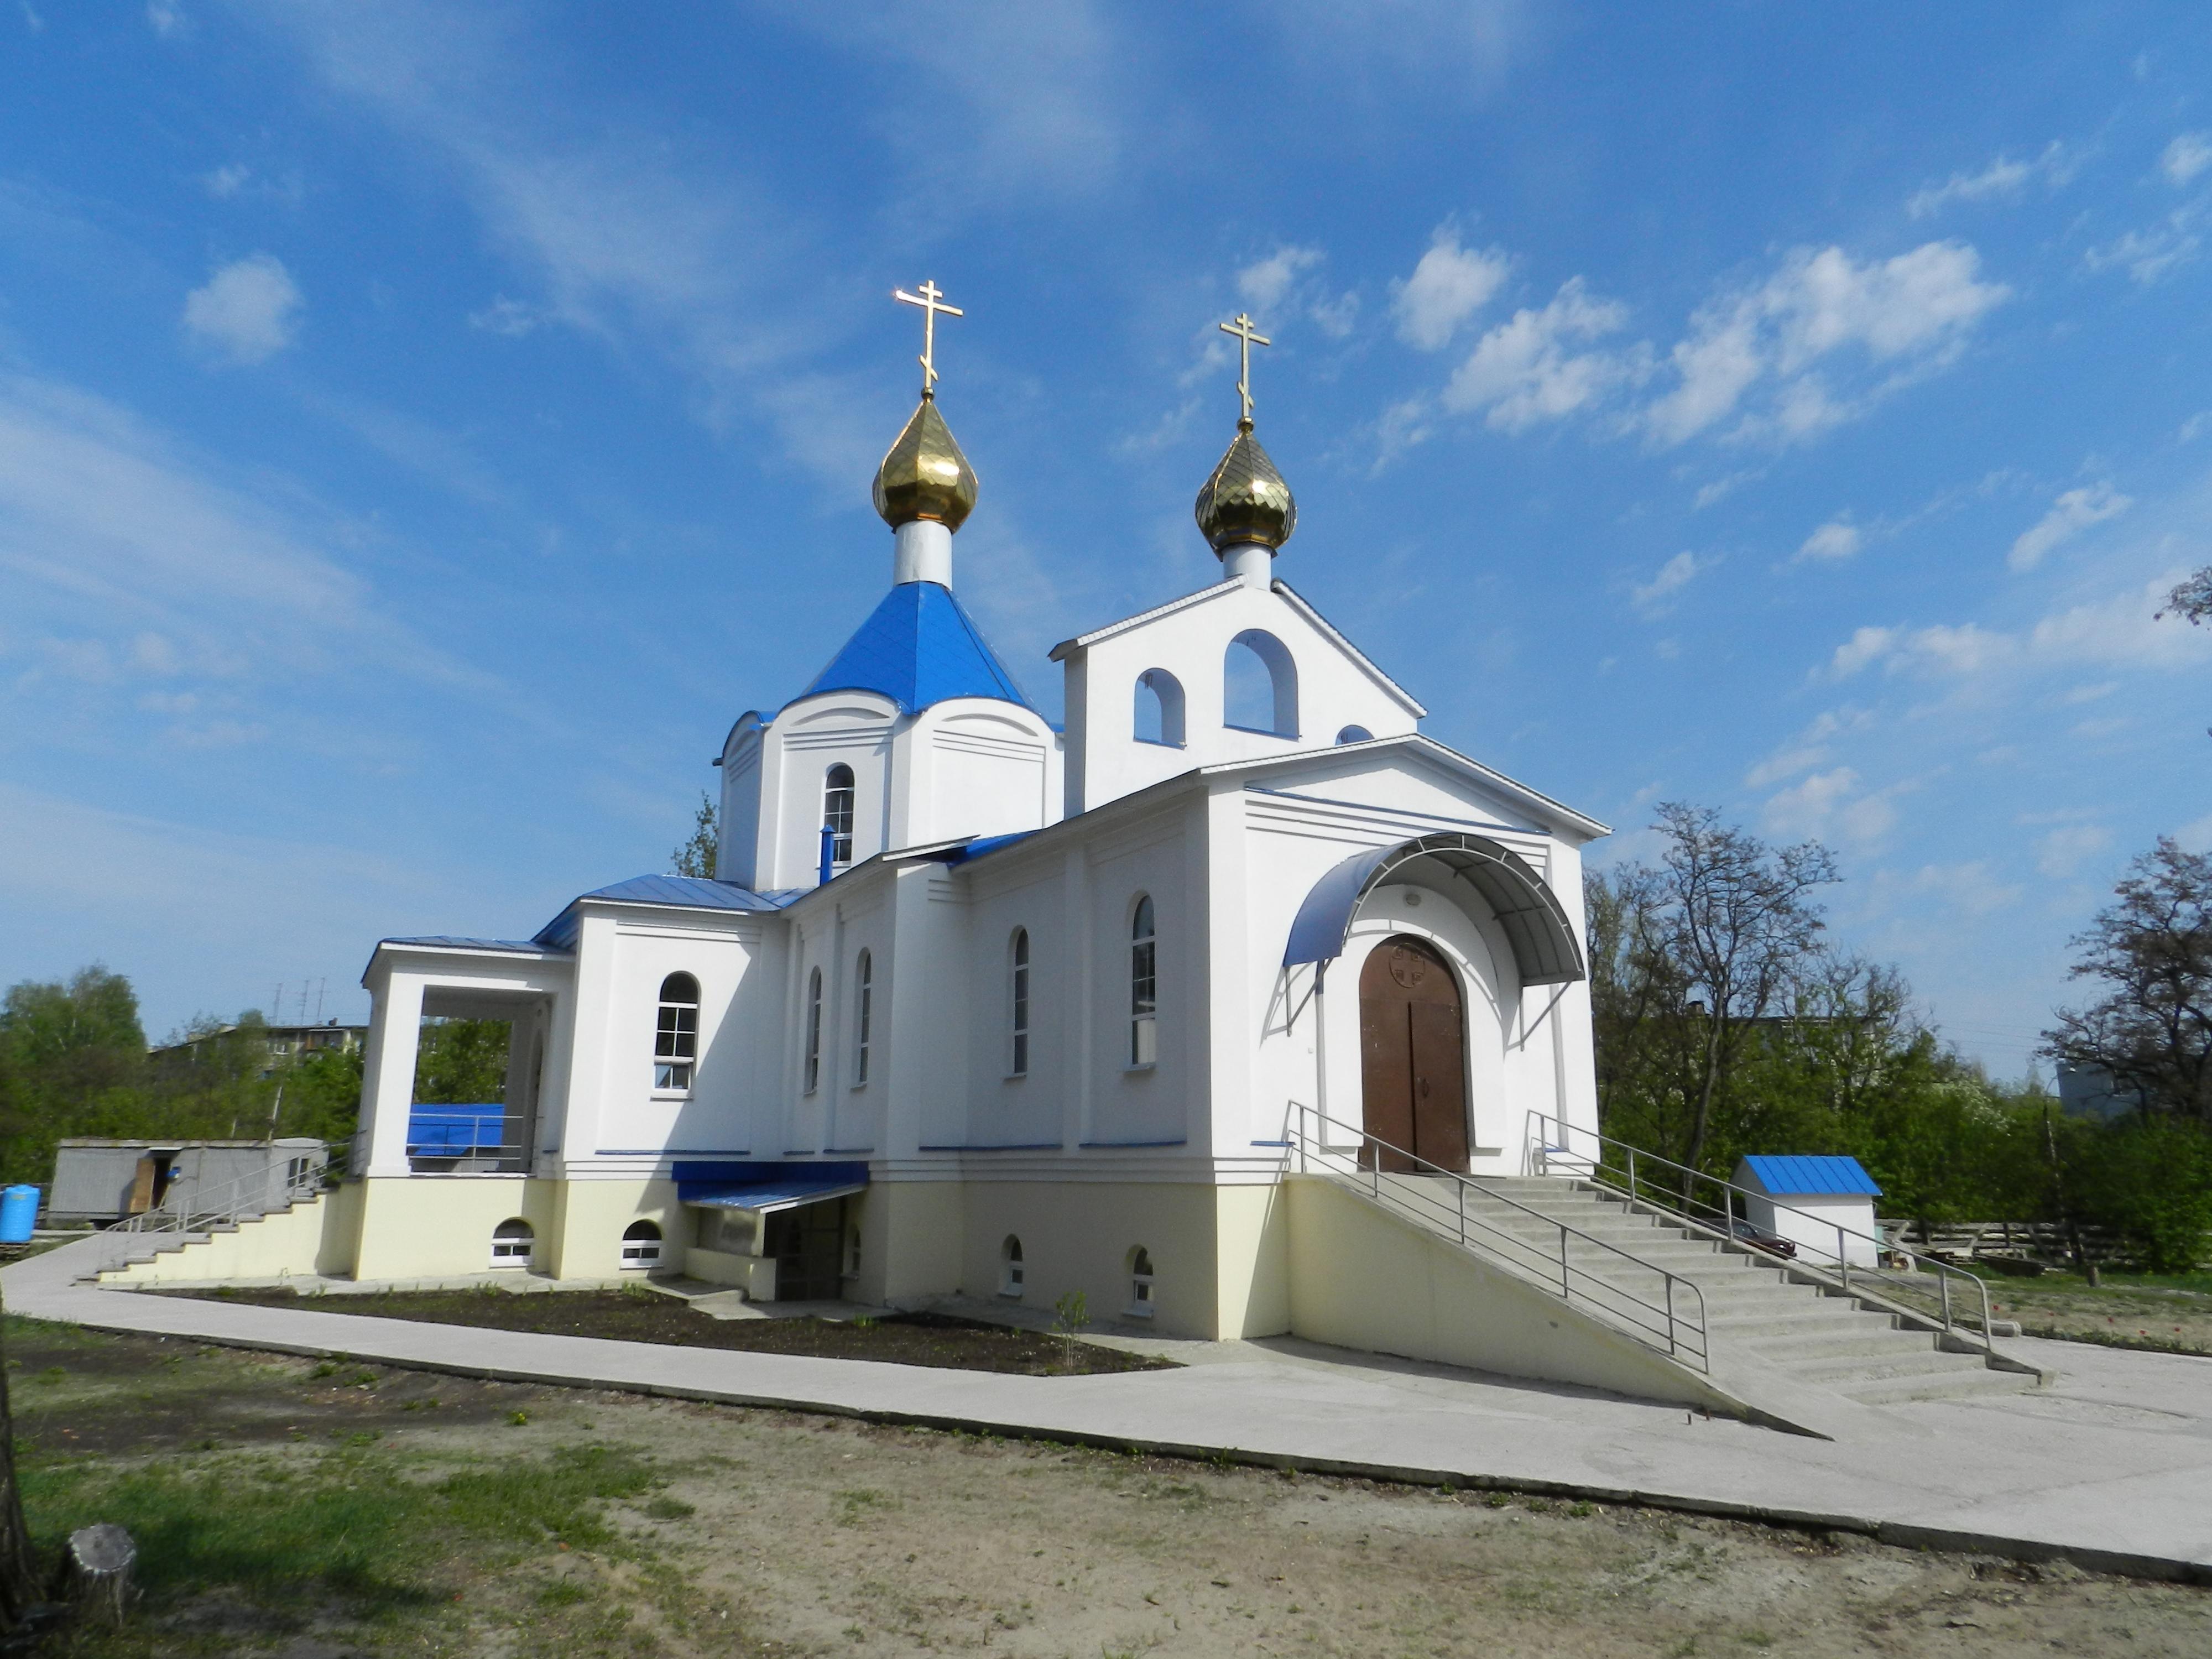 Церкви и храмы пантелеймона 6 фотография